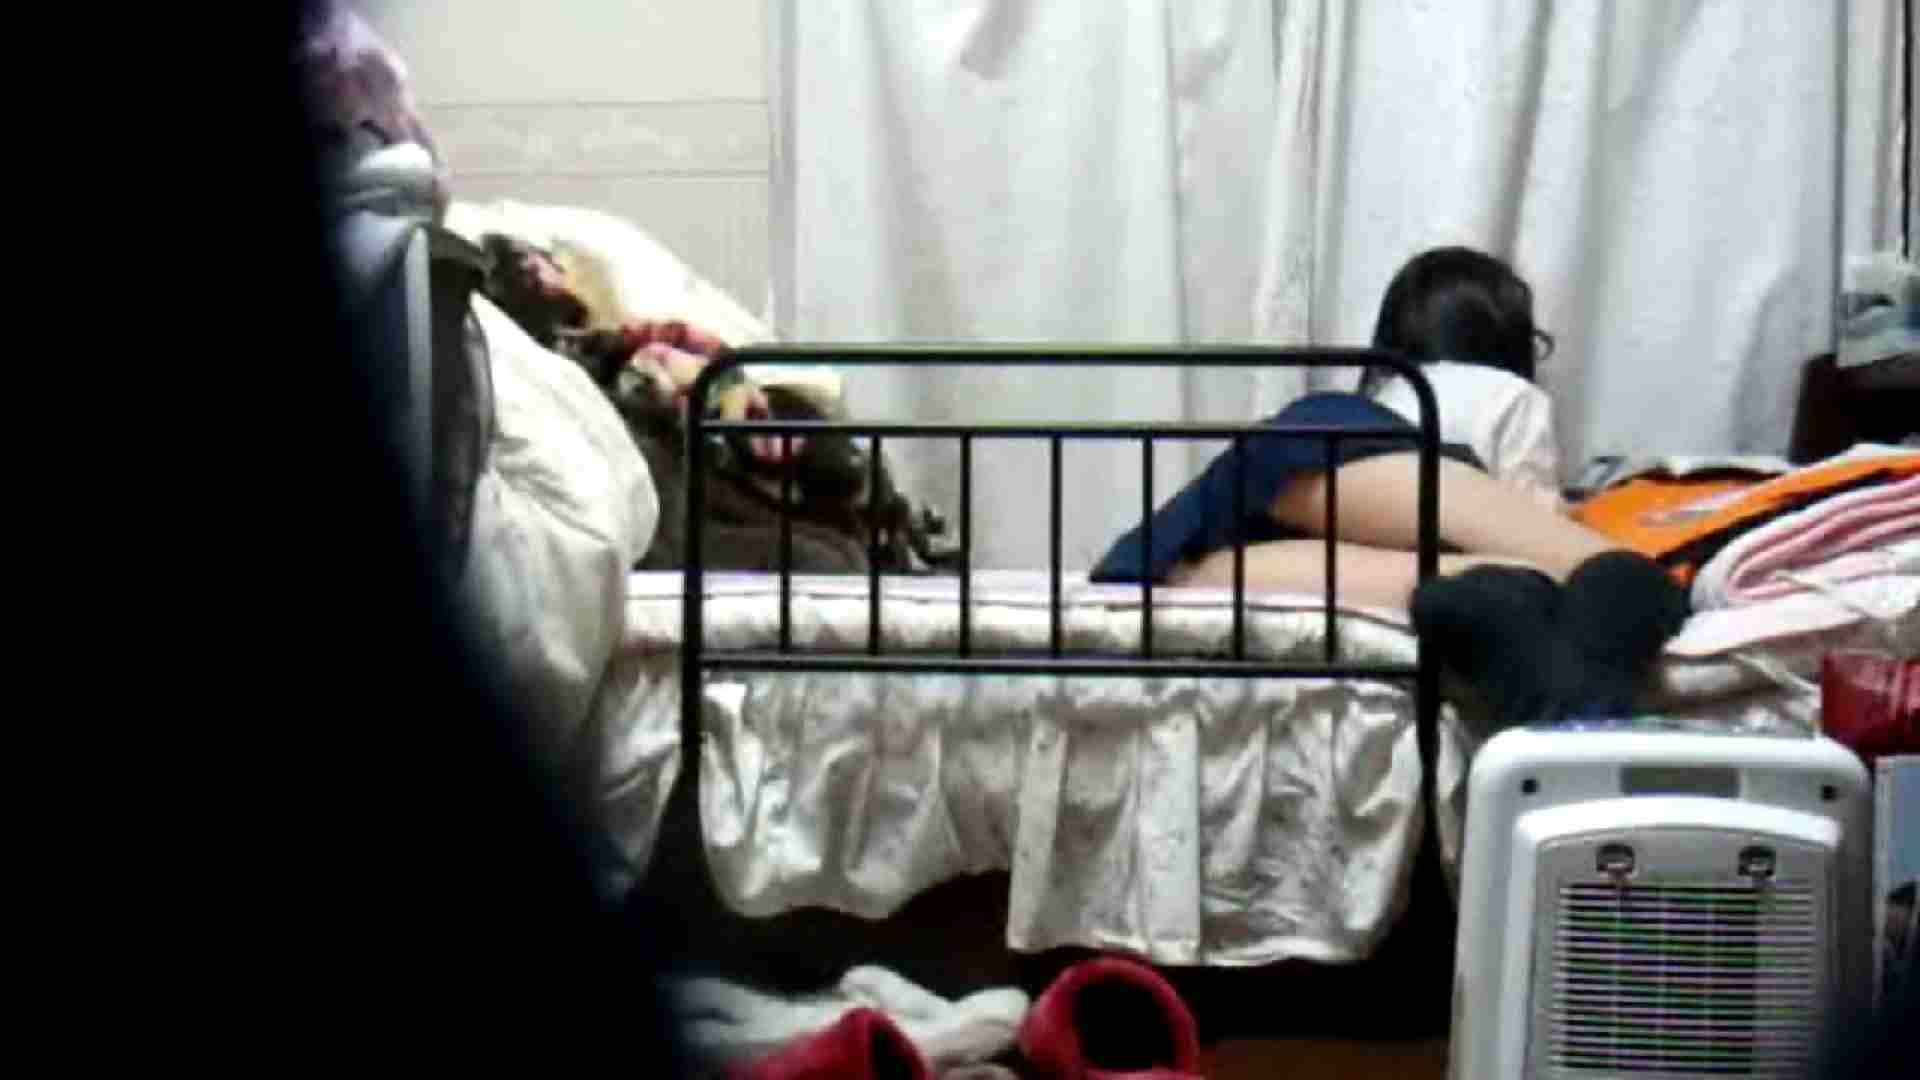 二人とも育てた甲斐がありました… vol.04 まどかが帰宅してベッドでセックス セックス | HなOL  85pic 26